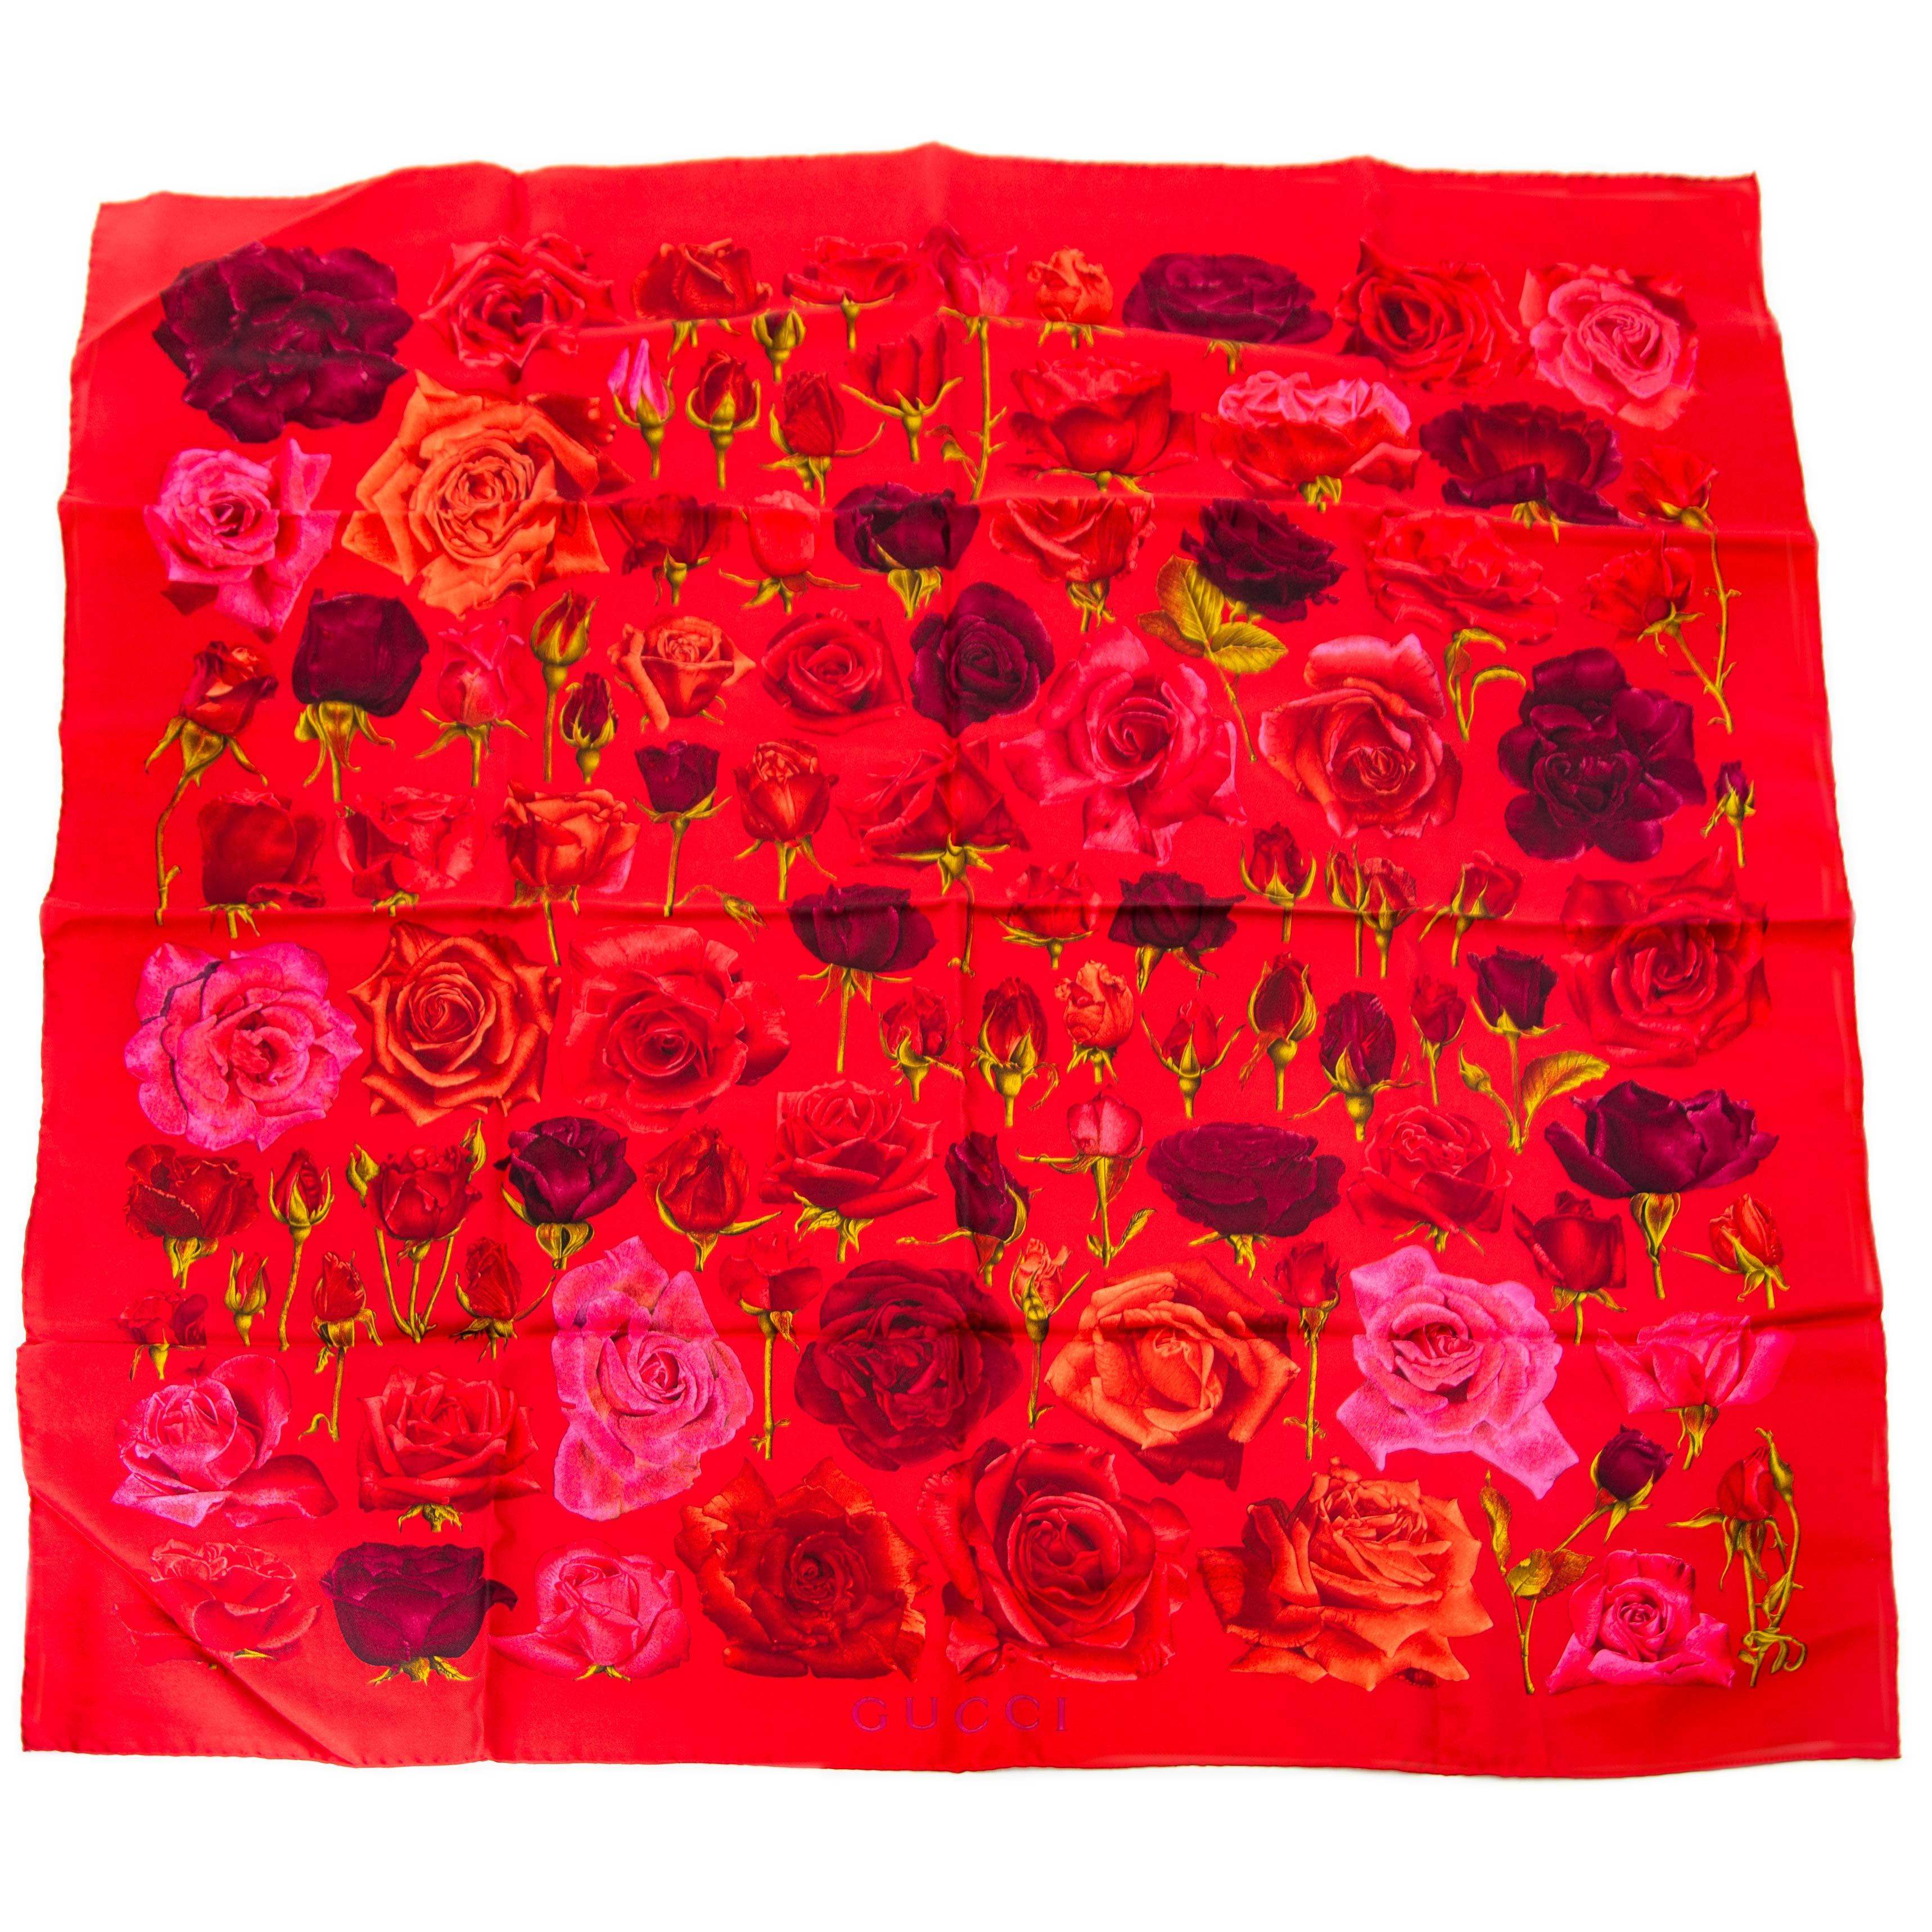 acheter en ligne pour le meilleur prix Gucci Red Tone Rose Scarf